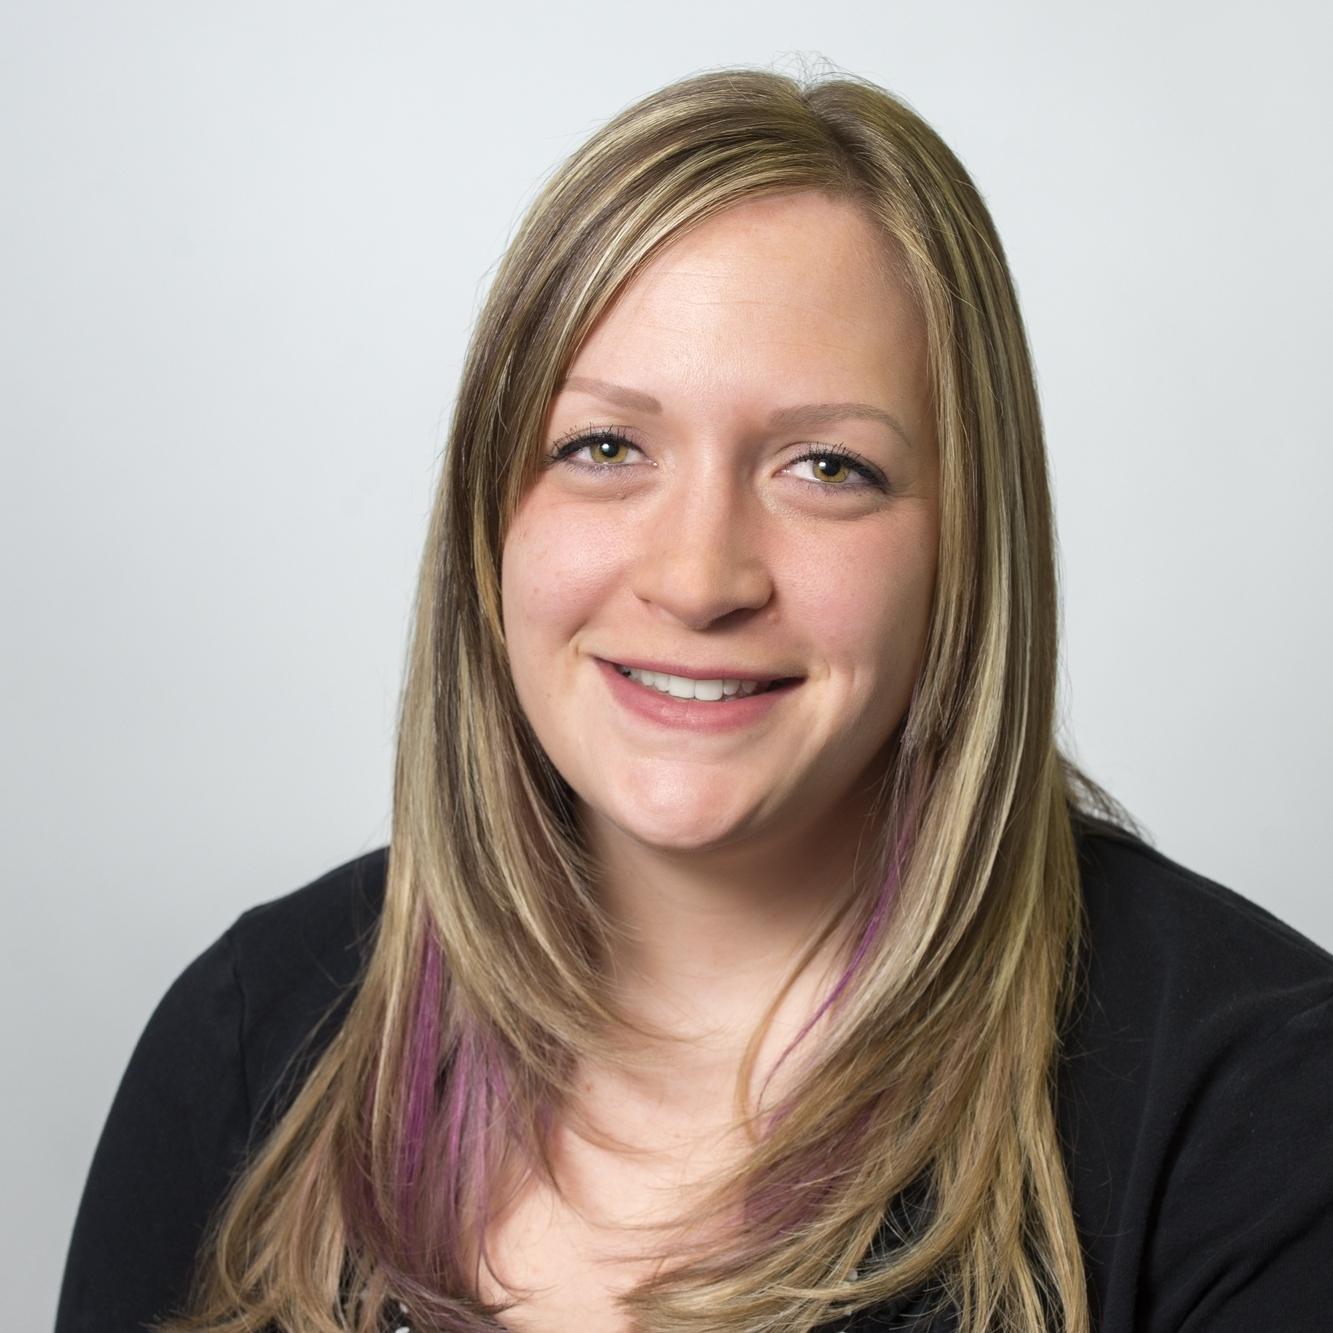 Krista Compas, BS, CBIS Cognitive Rehabilitation Therapist